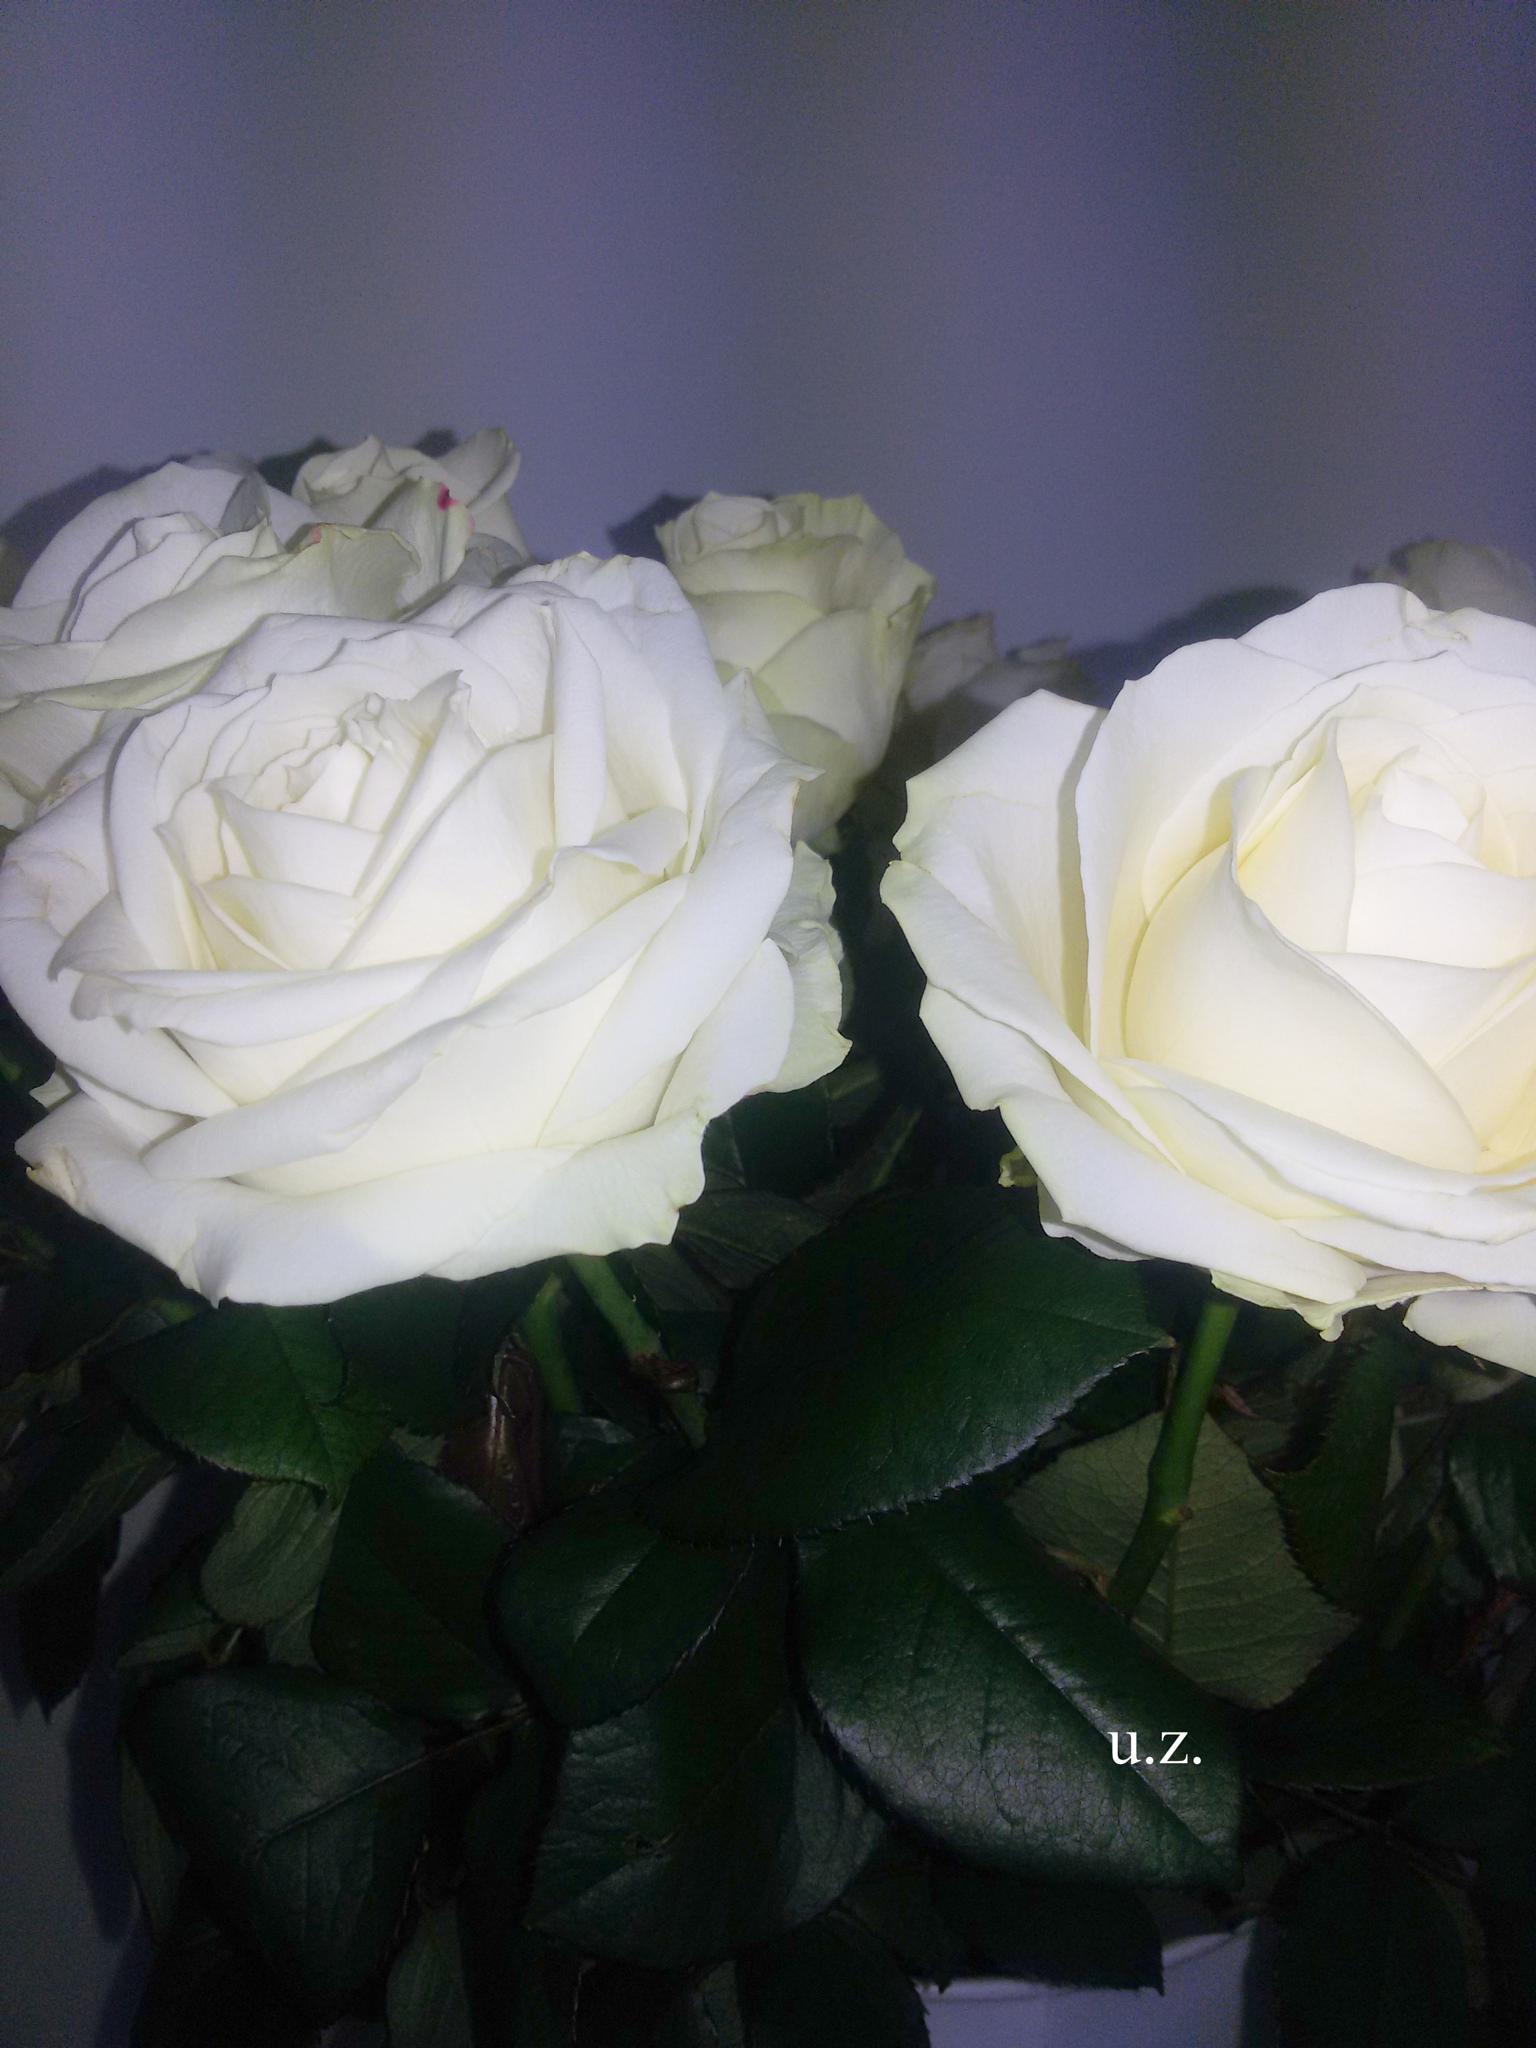 White roses by Zita Užkuraitienė